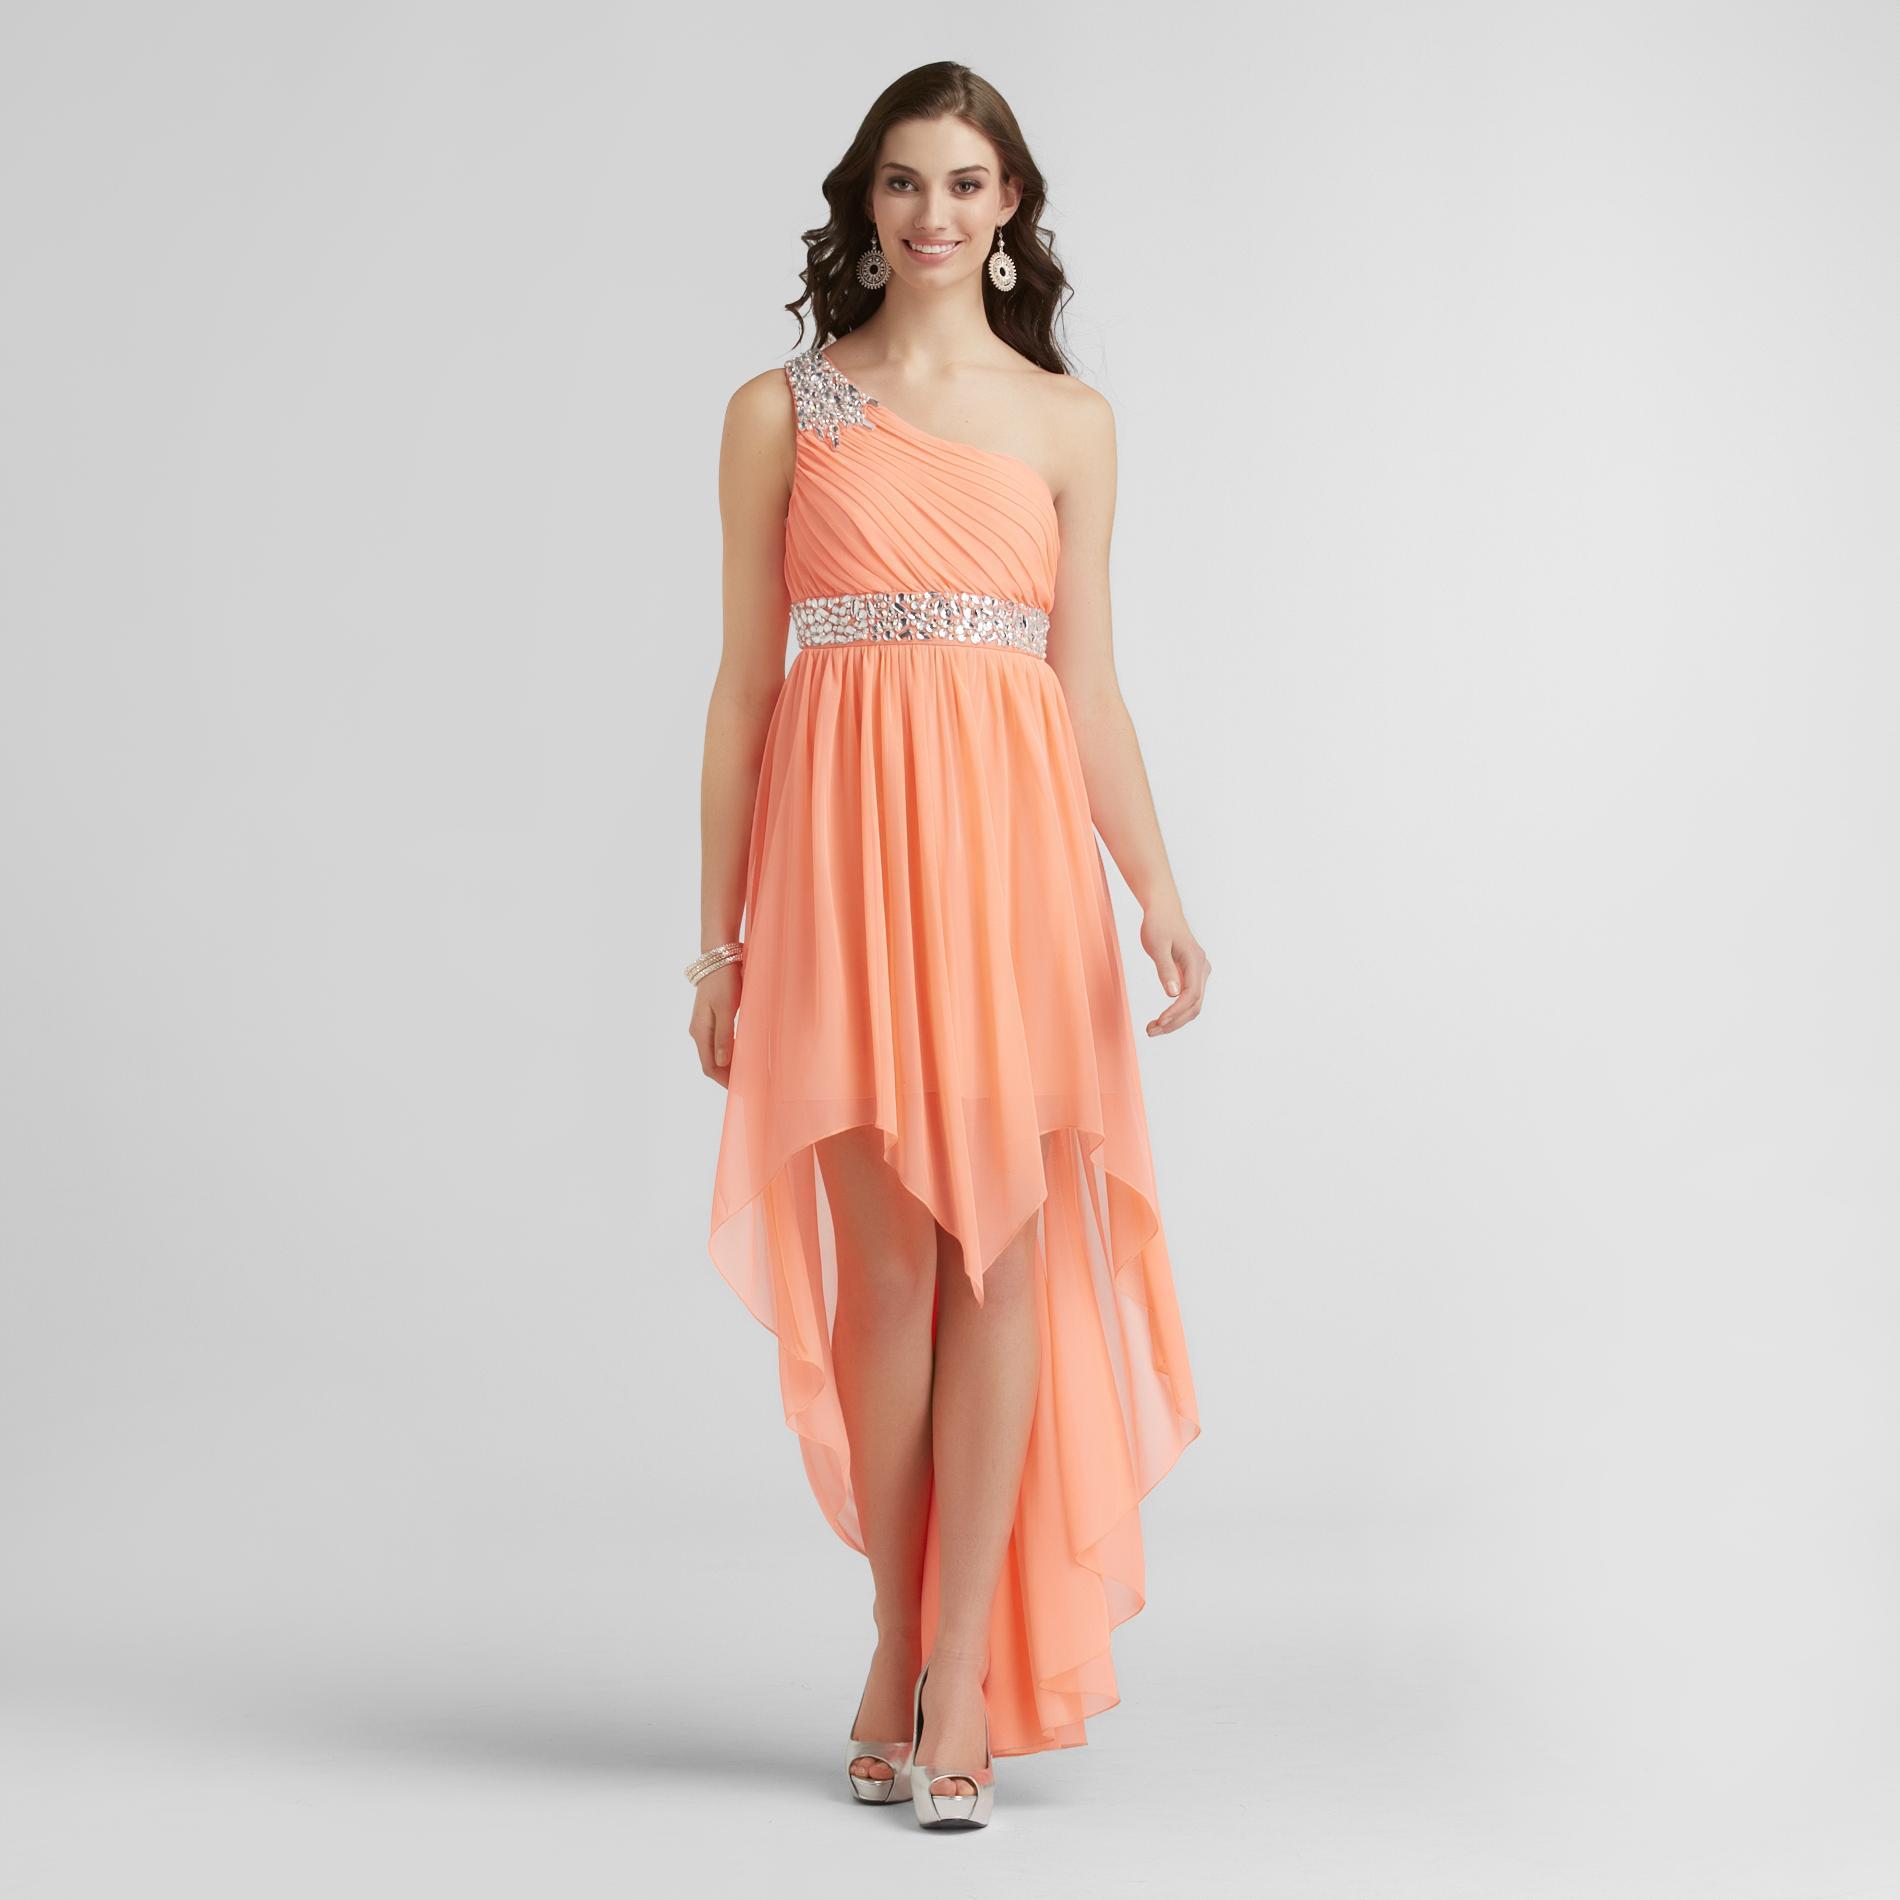 Jc Prom Dresses - Nicius.com